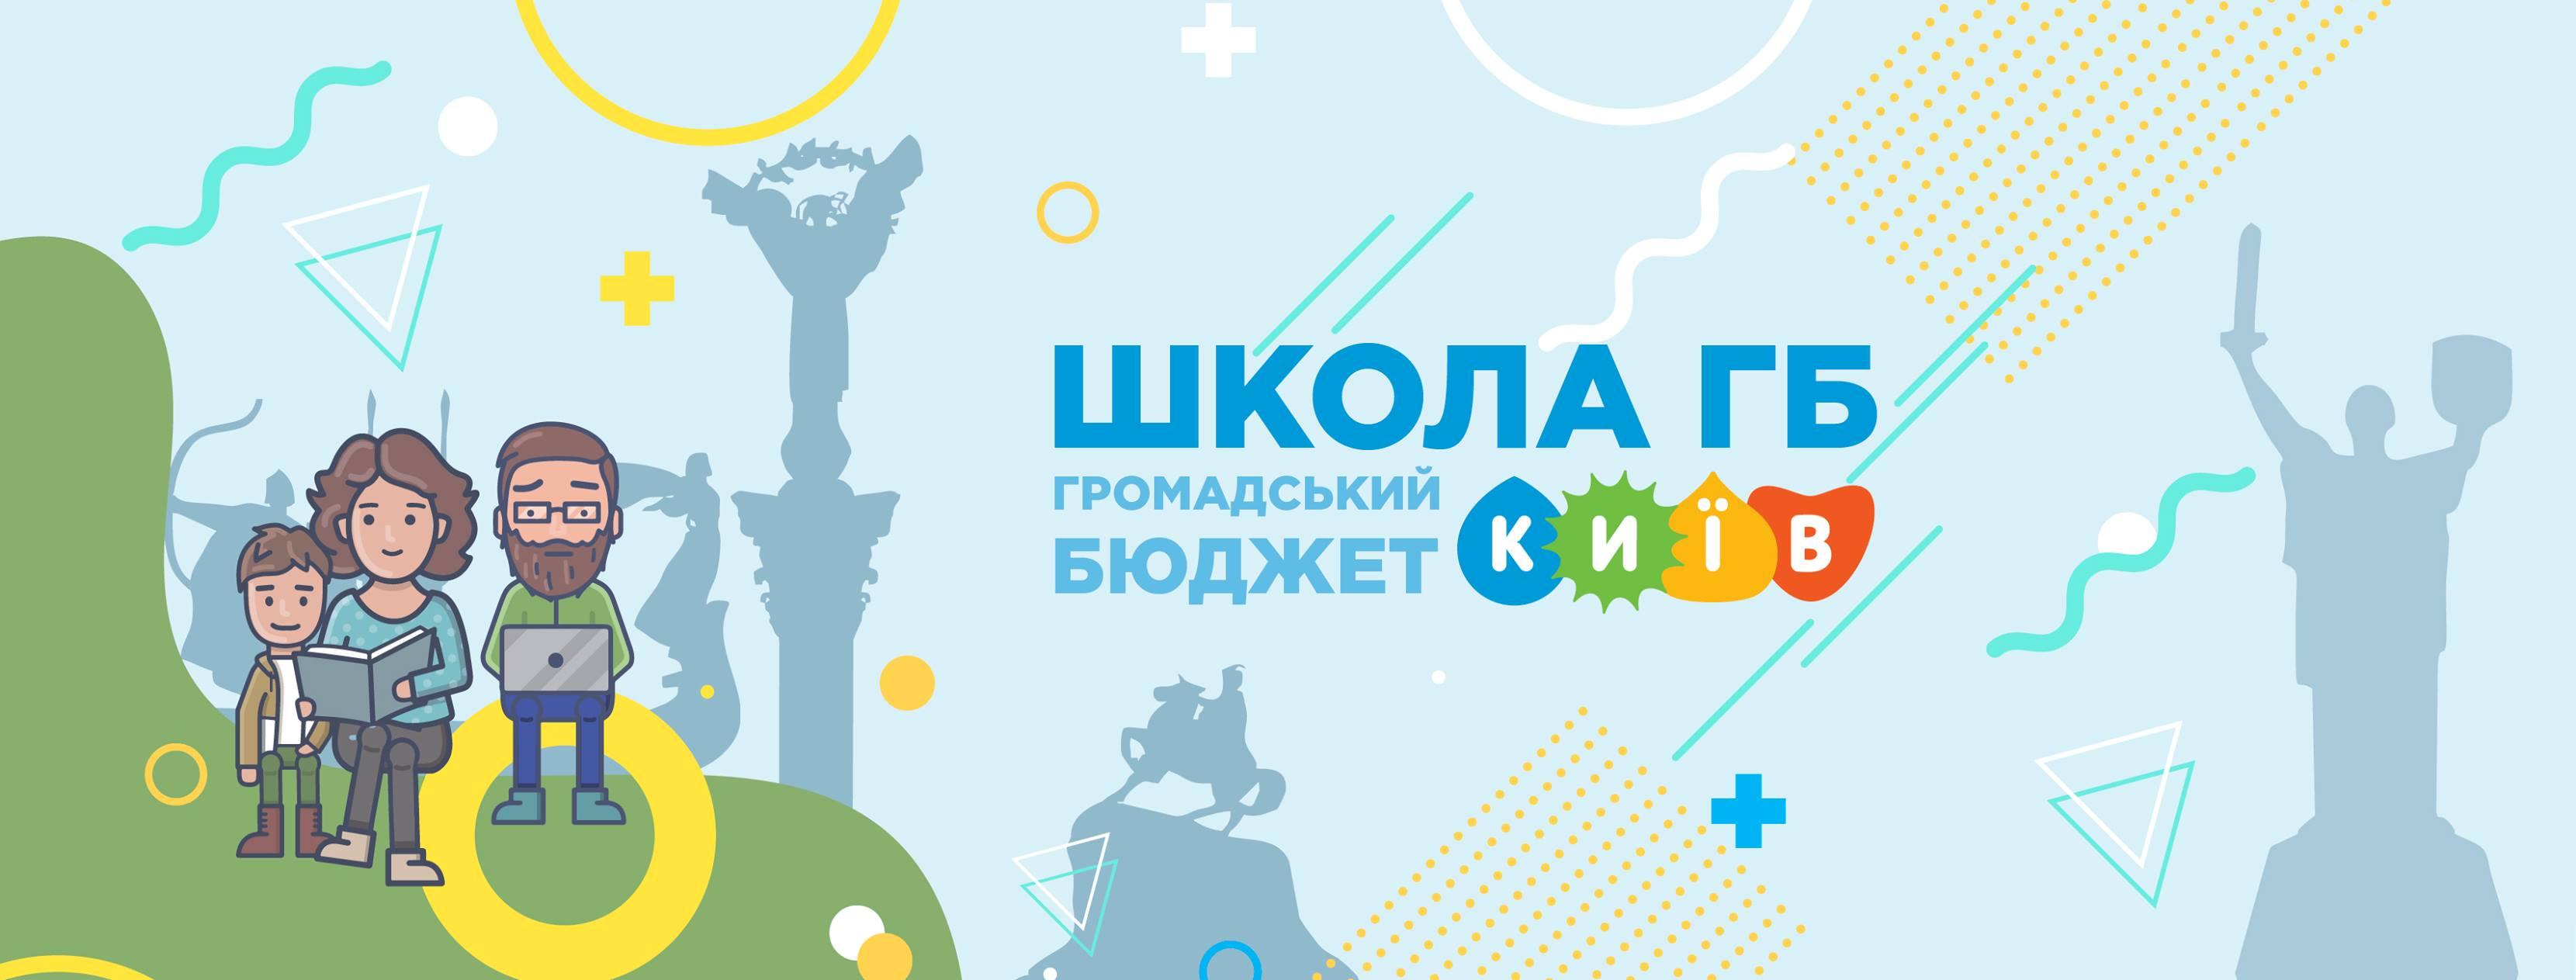 У Києві завершилася подача проектів на Громадський бюджет-4